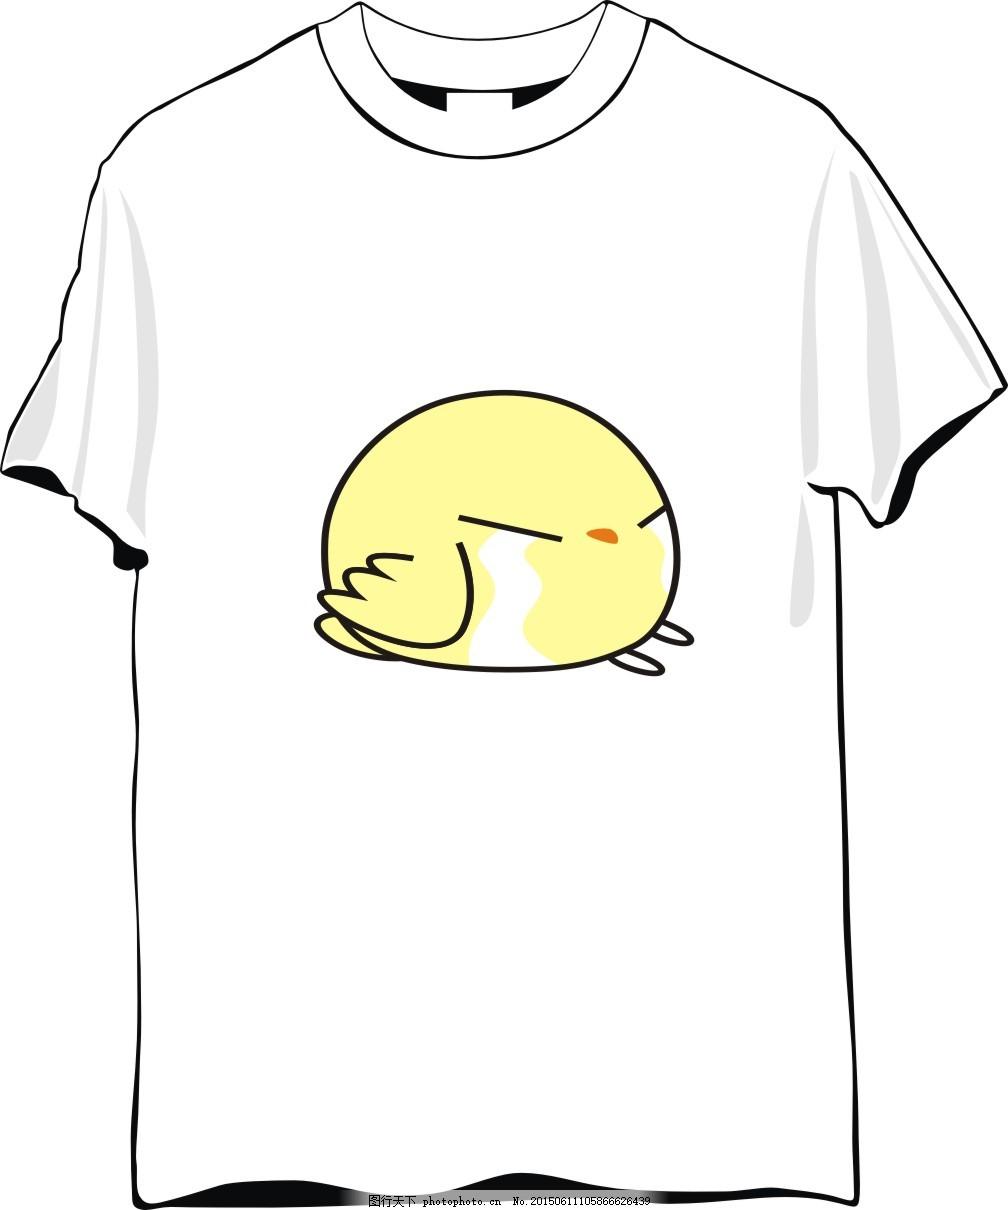 简单小鸡t恤 动物图案t恤 可爱t恤 白色 涂鸦 手绘 彩色 卡通 矢量图